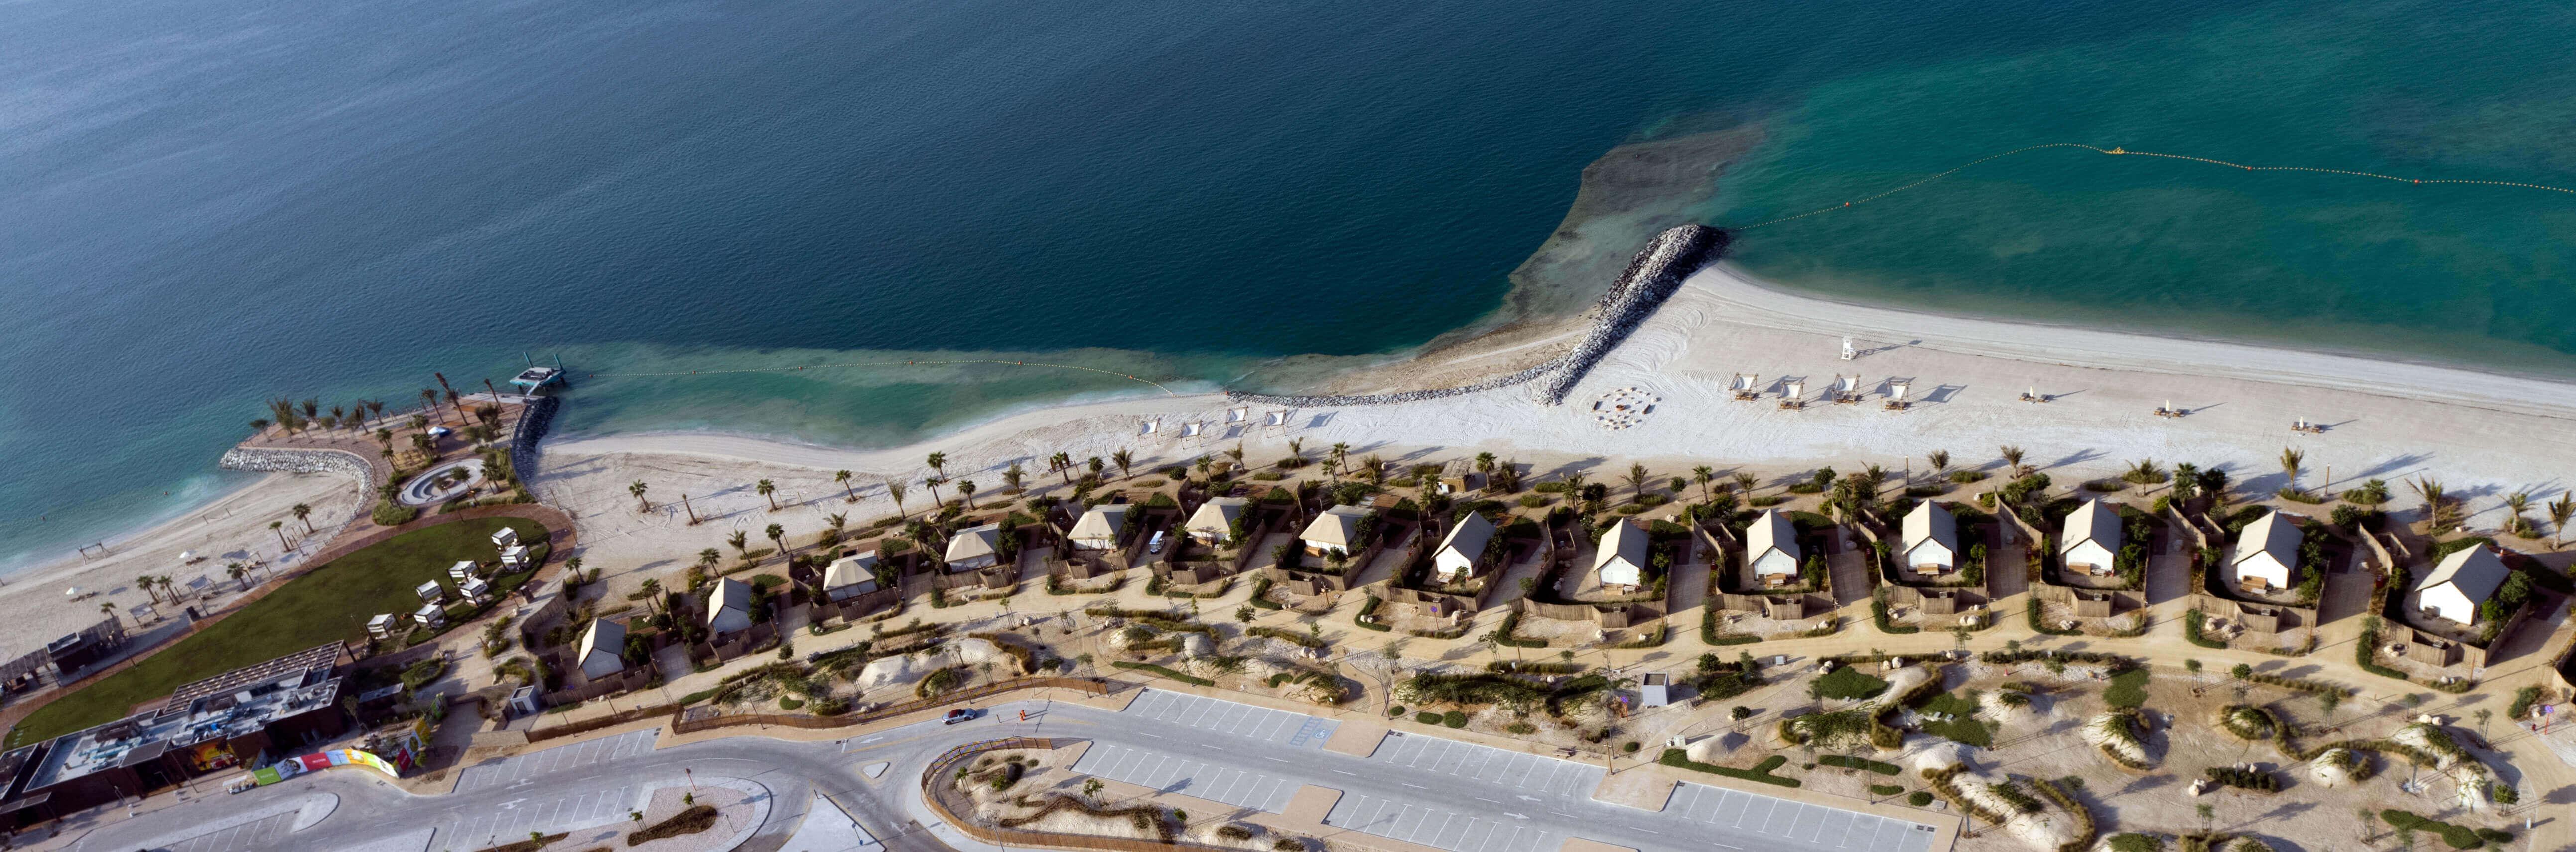 محمد بن زايد يتفقد مشروع الحديريات الترفيهي في أبوظبي ويوجه بافتتاحه الشهر المقبل